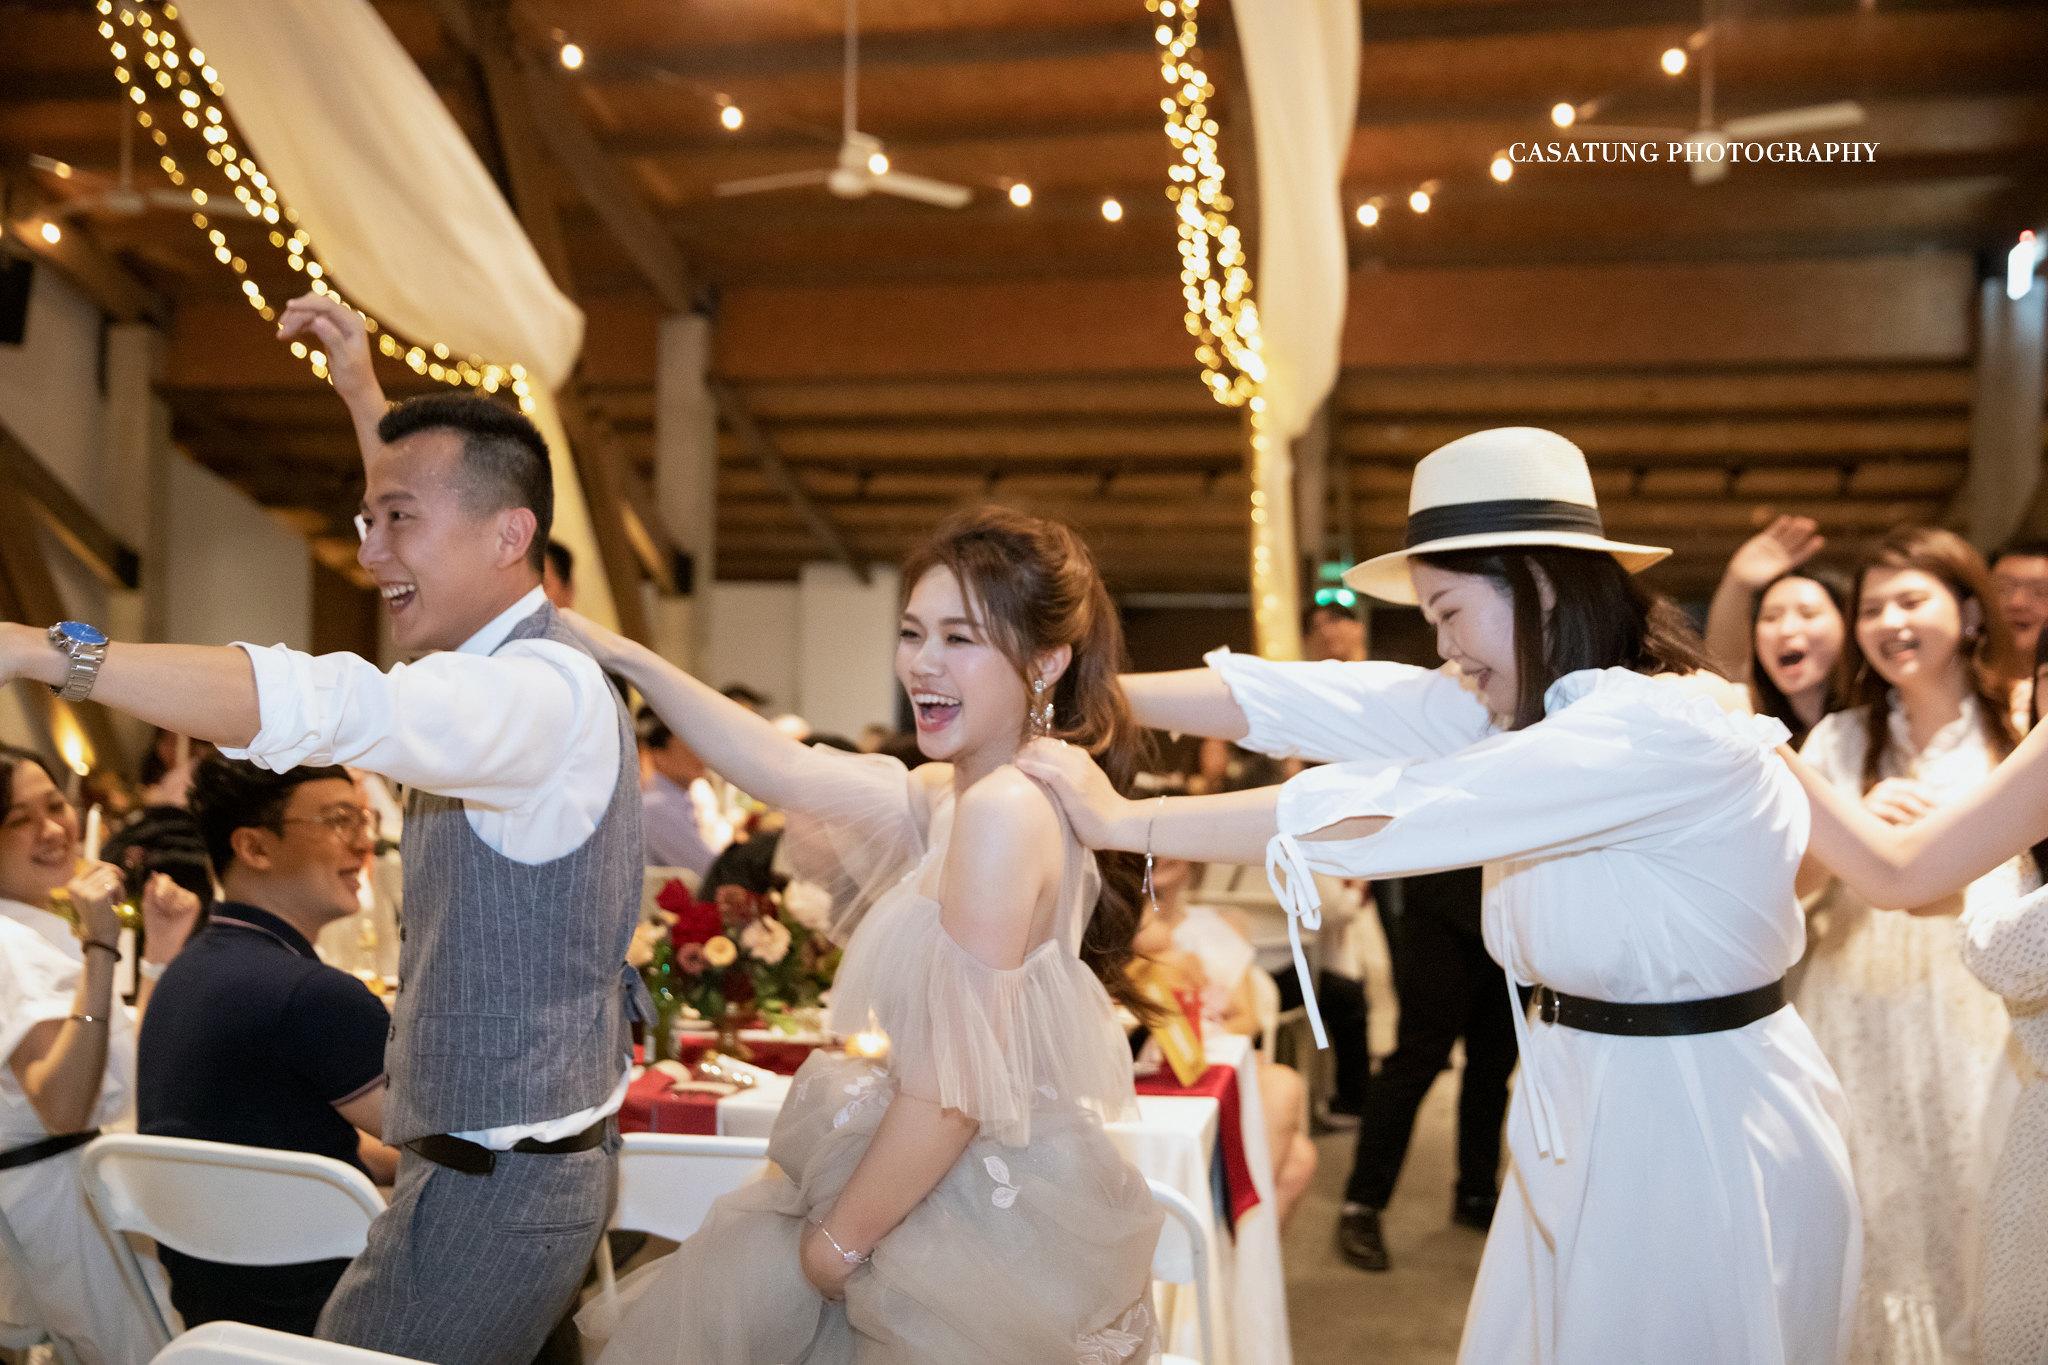 顏氏牧場婚禮,台中婚攝casa,旋轉木馬-143